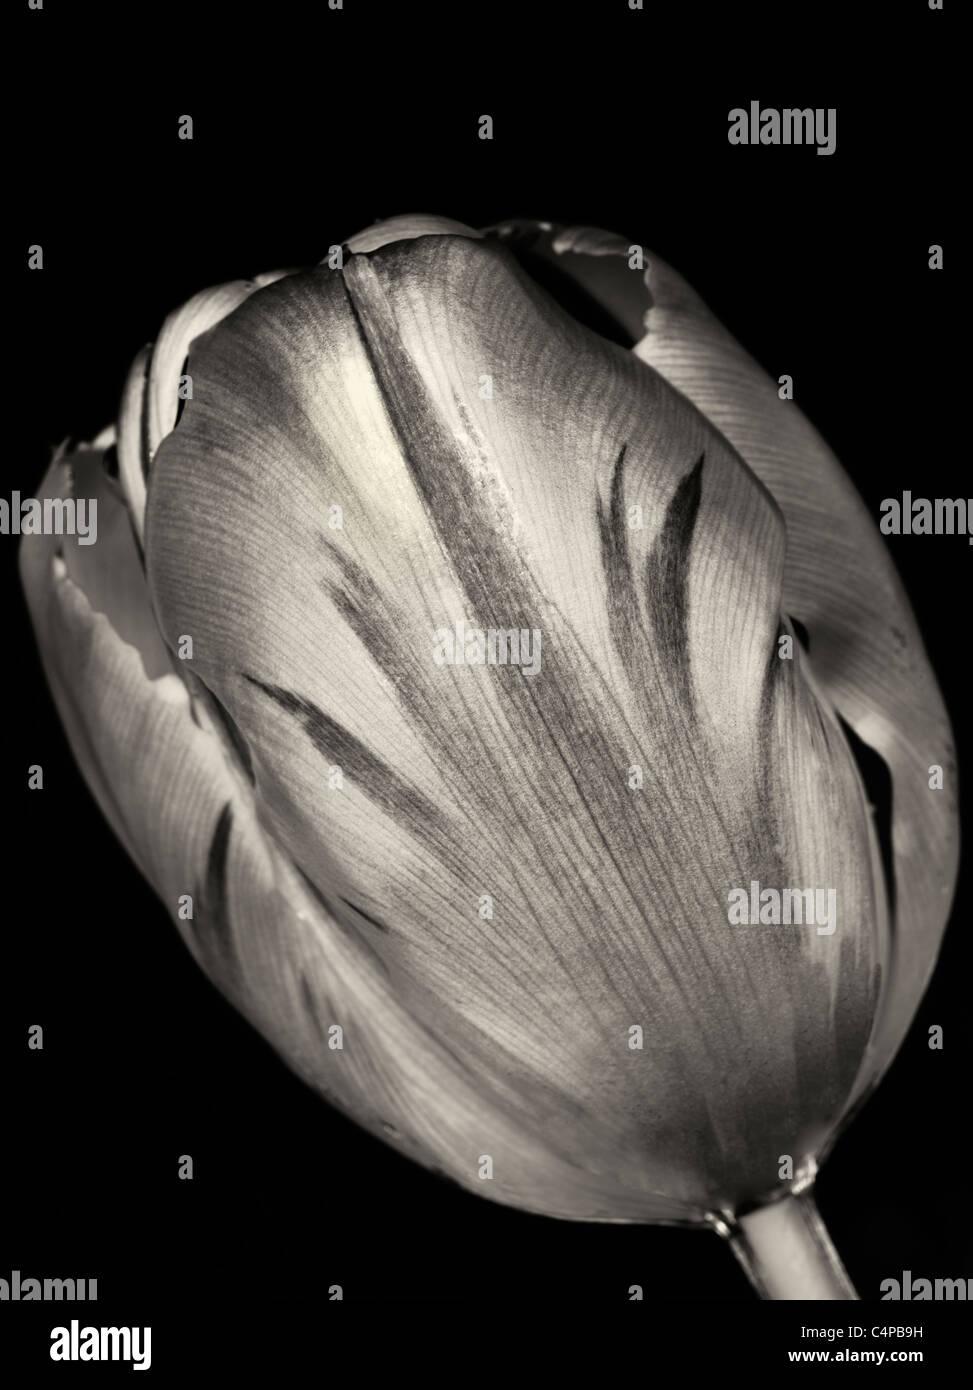 Tulip visto desde debajo del agua. Imagen De Stock